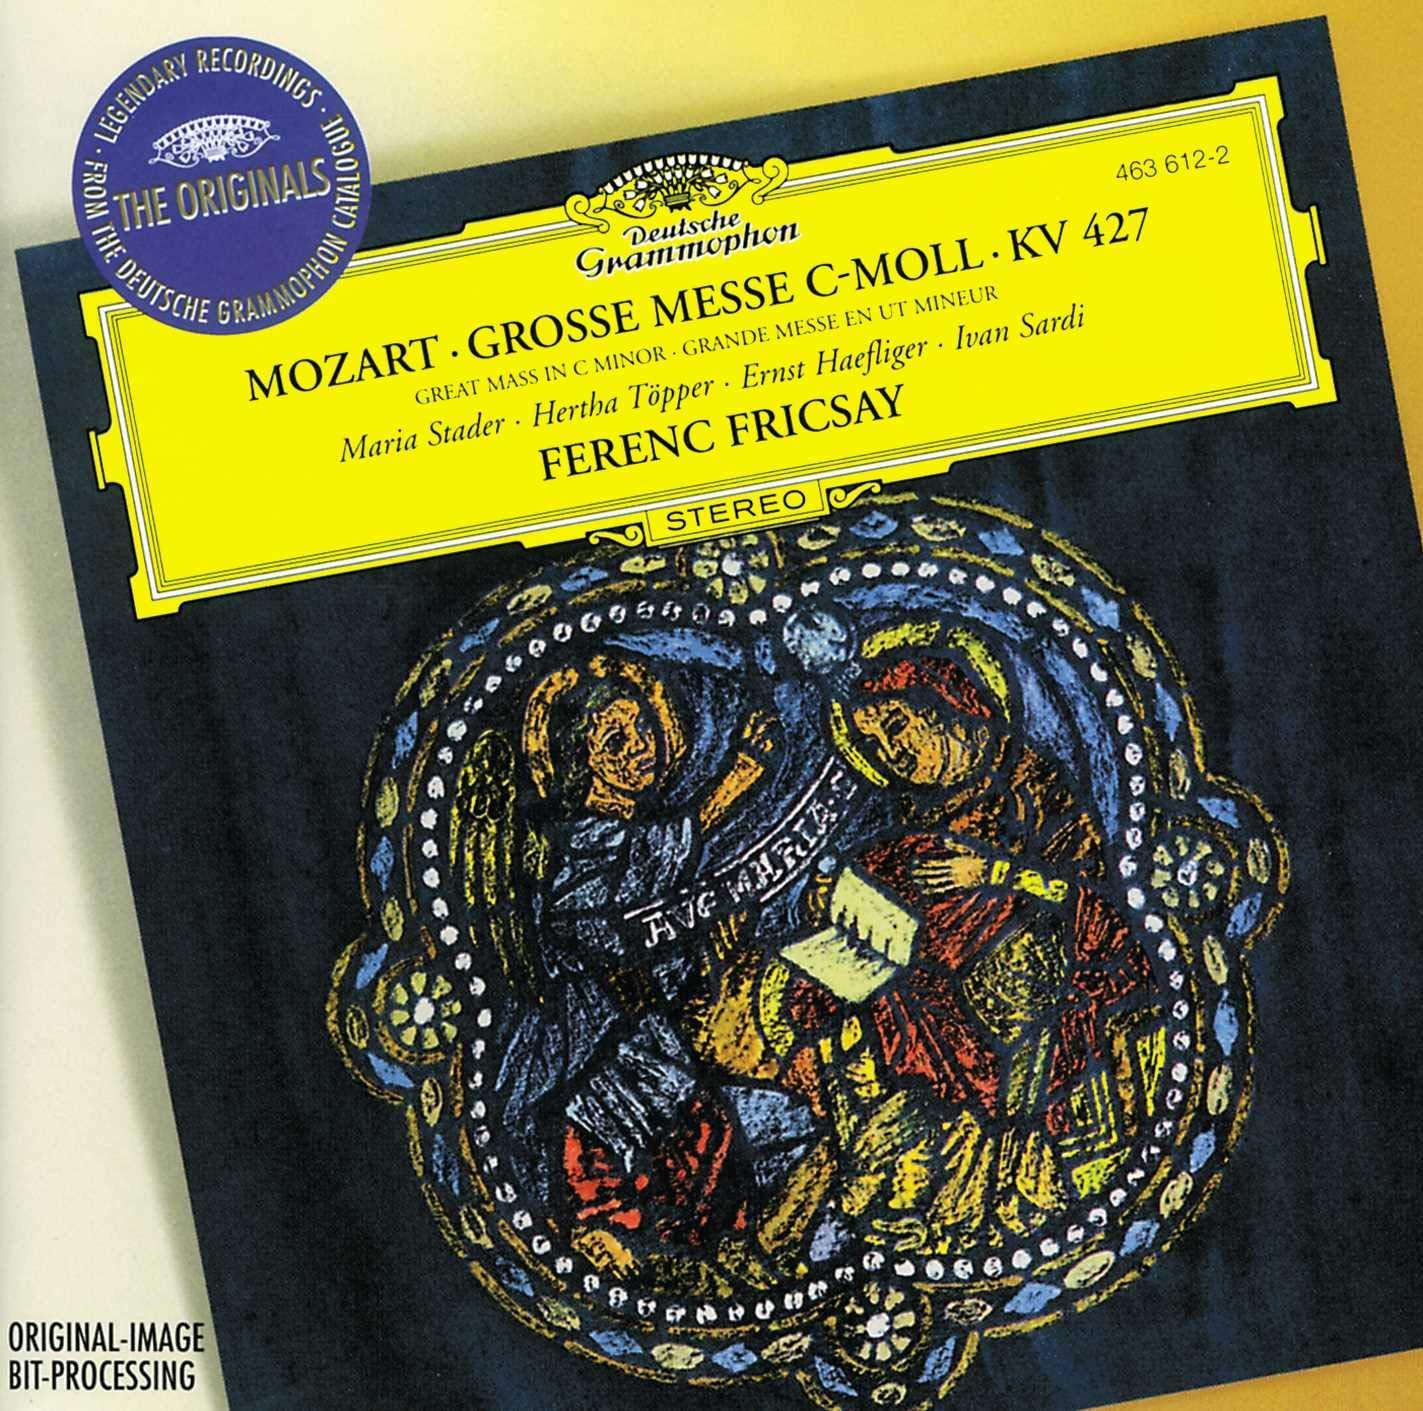 Mozart: Great Mass in C minor / Haydn: Te Deum by DEUTSCHE GRAMMOPHON,THE ORIGINALS,MUSICA SACRA,CLASSICO,